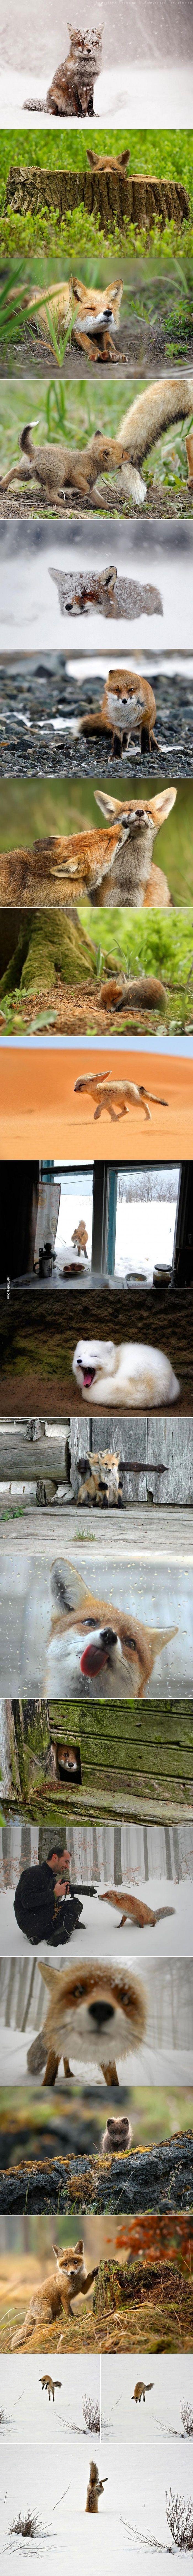 Nemkutya.com - 20 édes fotó rókákról - Vuk és társai a valóságban